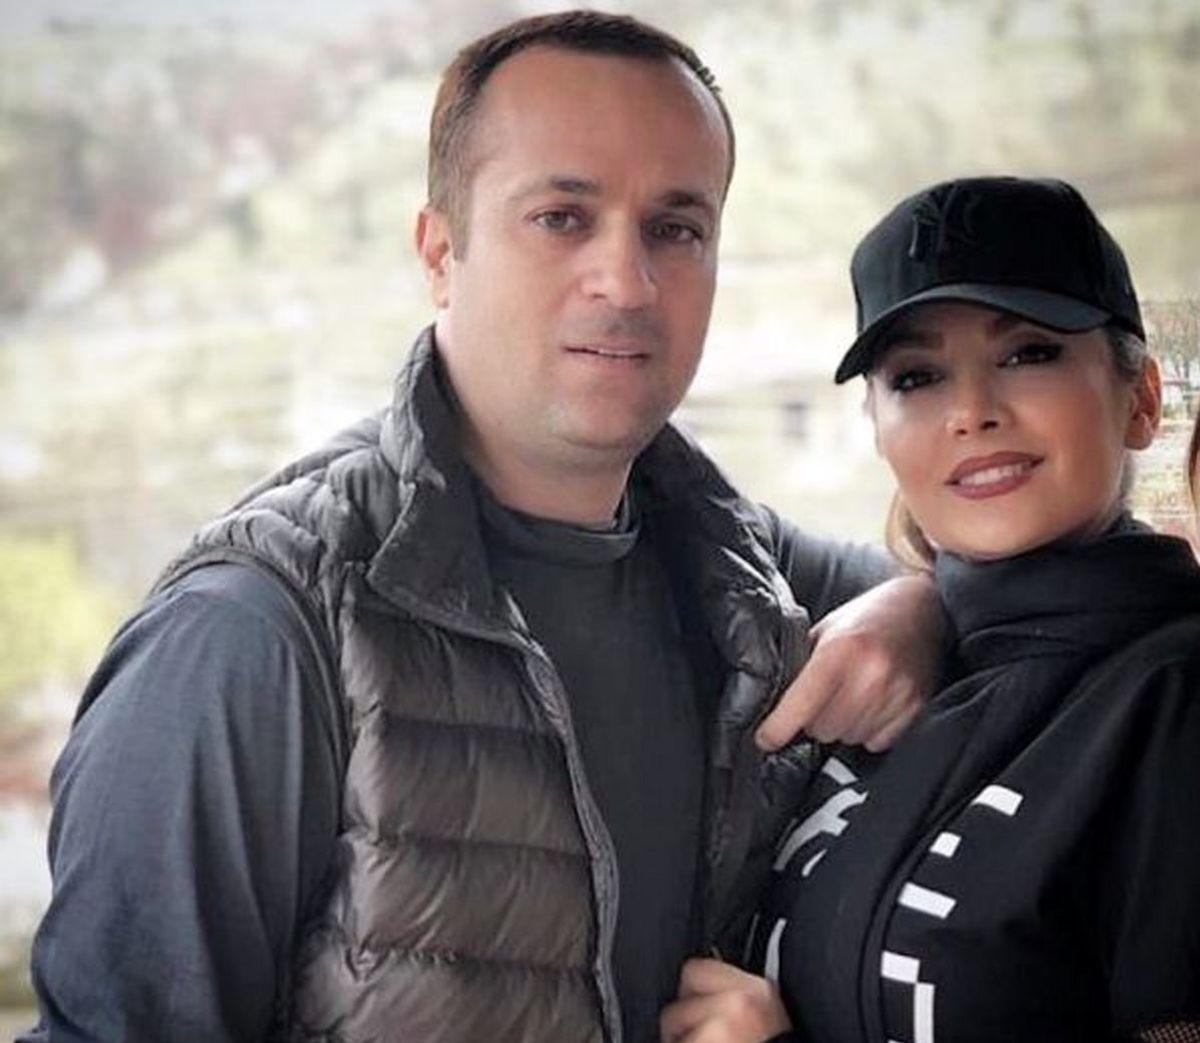 گردش لاکچری احمد مهرانفر و همسرش در خارج از کشور +تصاویر لورفته